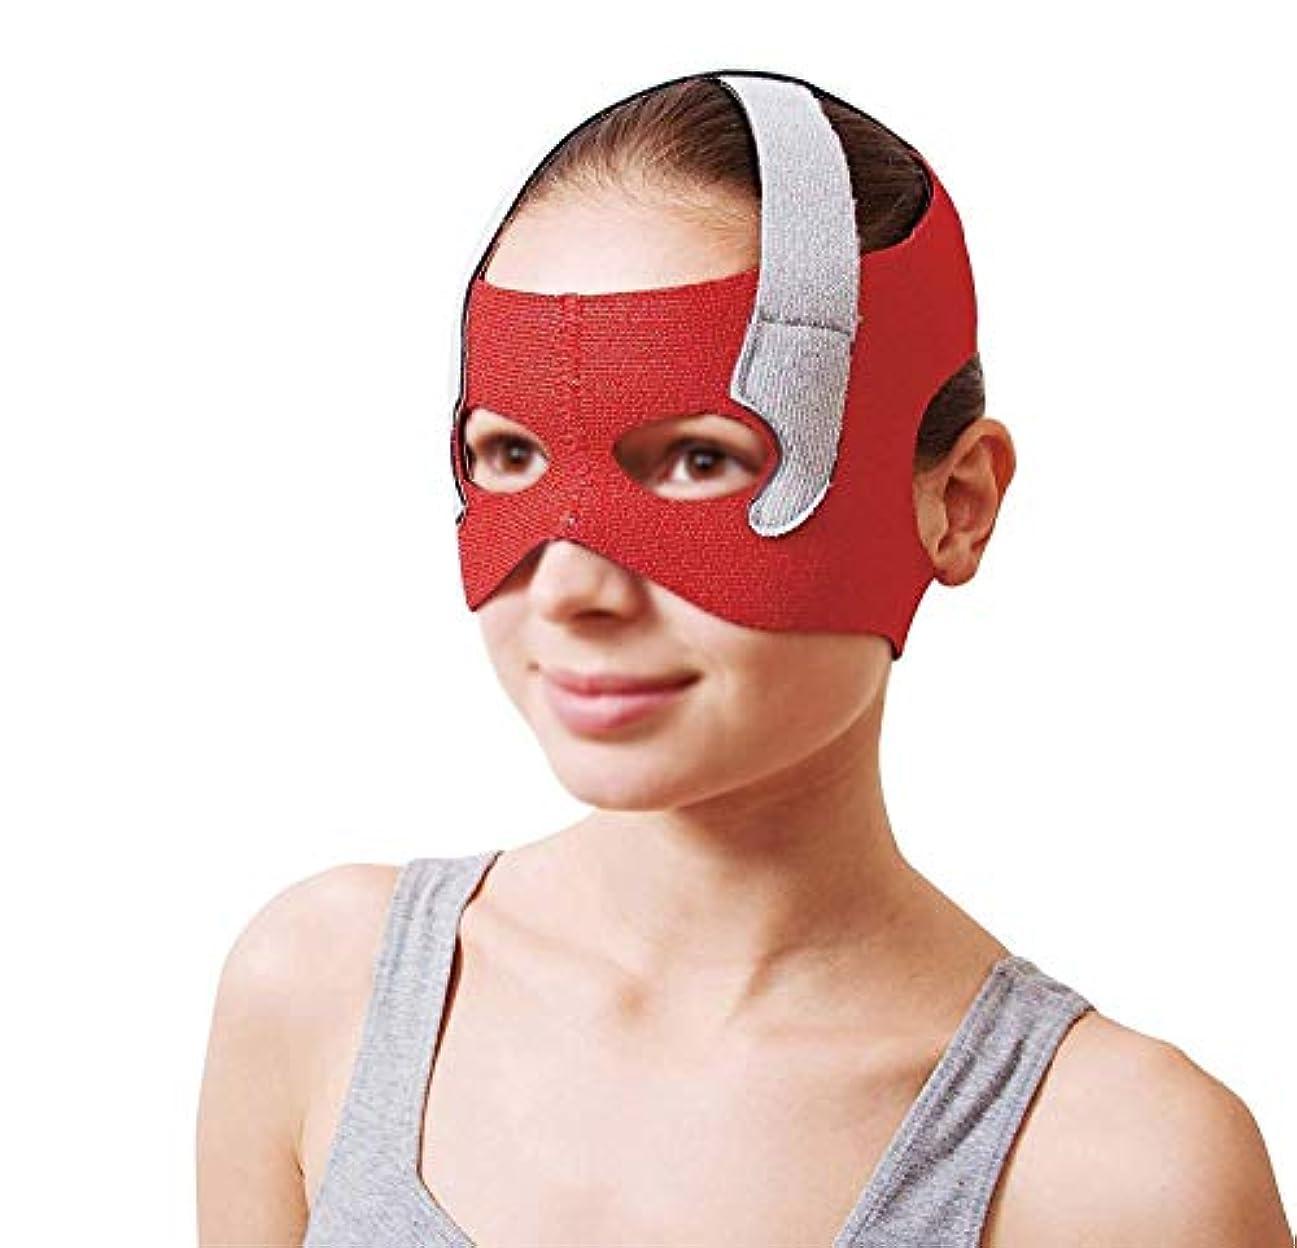 統治可能発生器オプショナルフェイスリフトマスク、回復ポスト包帯ヘッドギアフェイスマスク顔薄いフェイスマスクアーティファクト美容ベルト顔と首リフト顔周囲57-68 cm